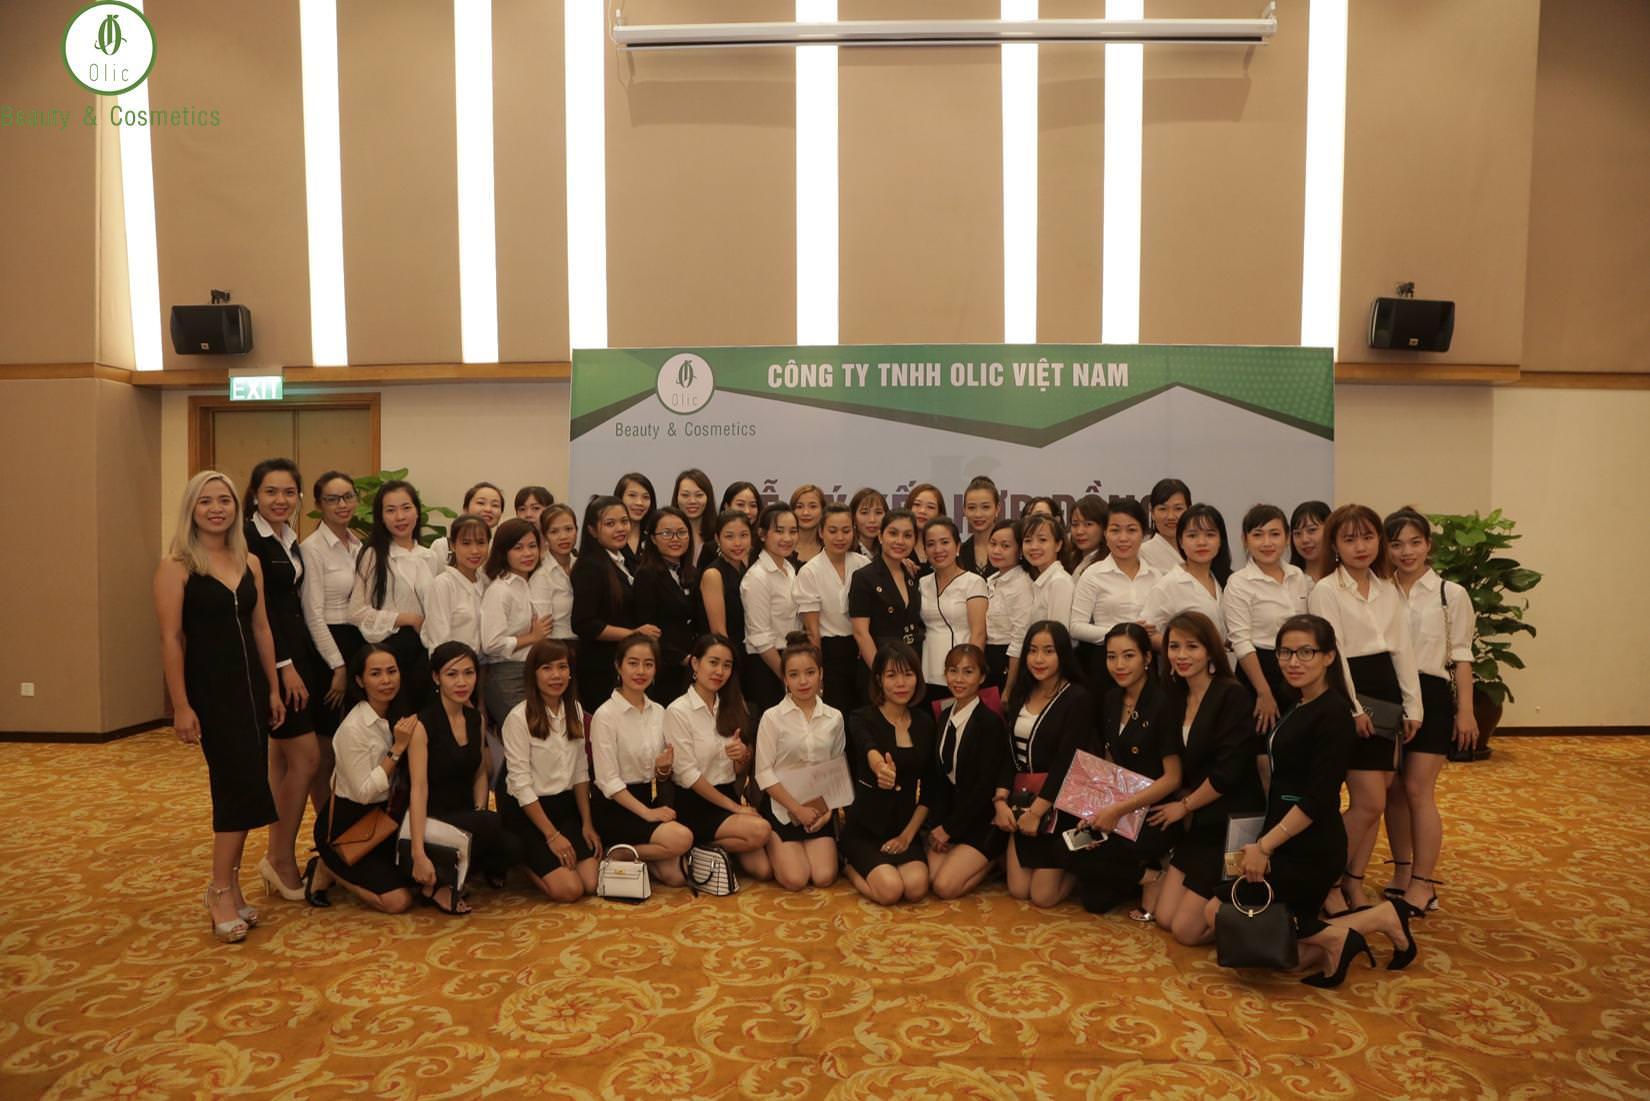 Chi Dân và MTV band khuấy động sự kiện lớn của Olic tại Đà Nẵng - Ảnh 6.